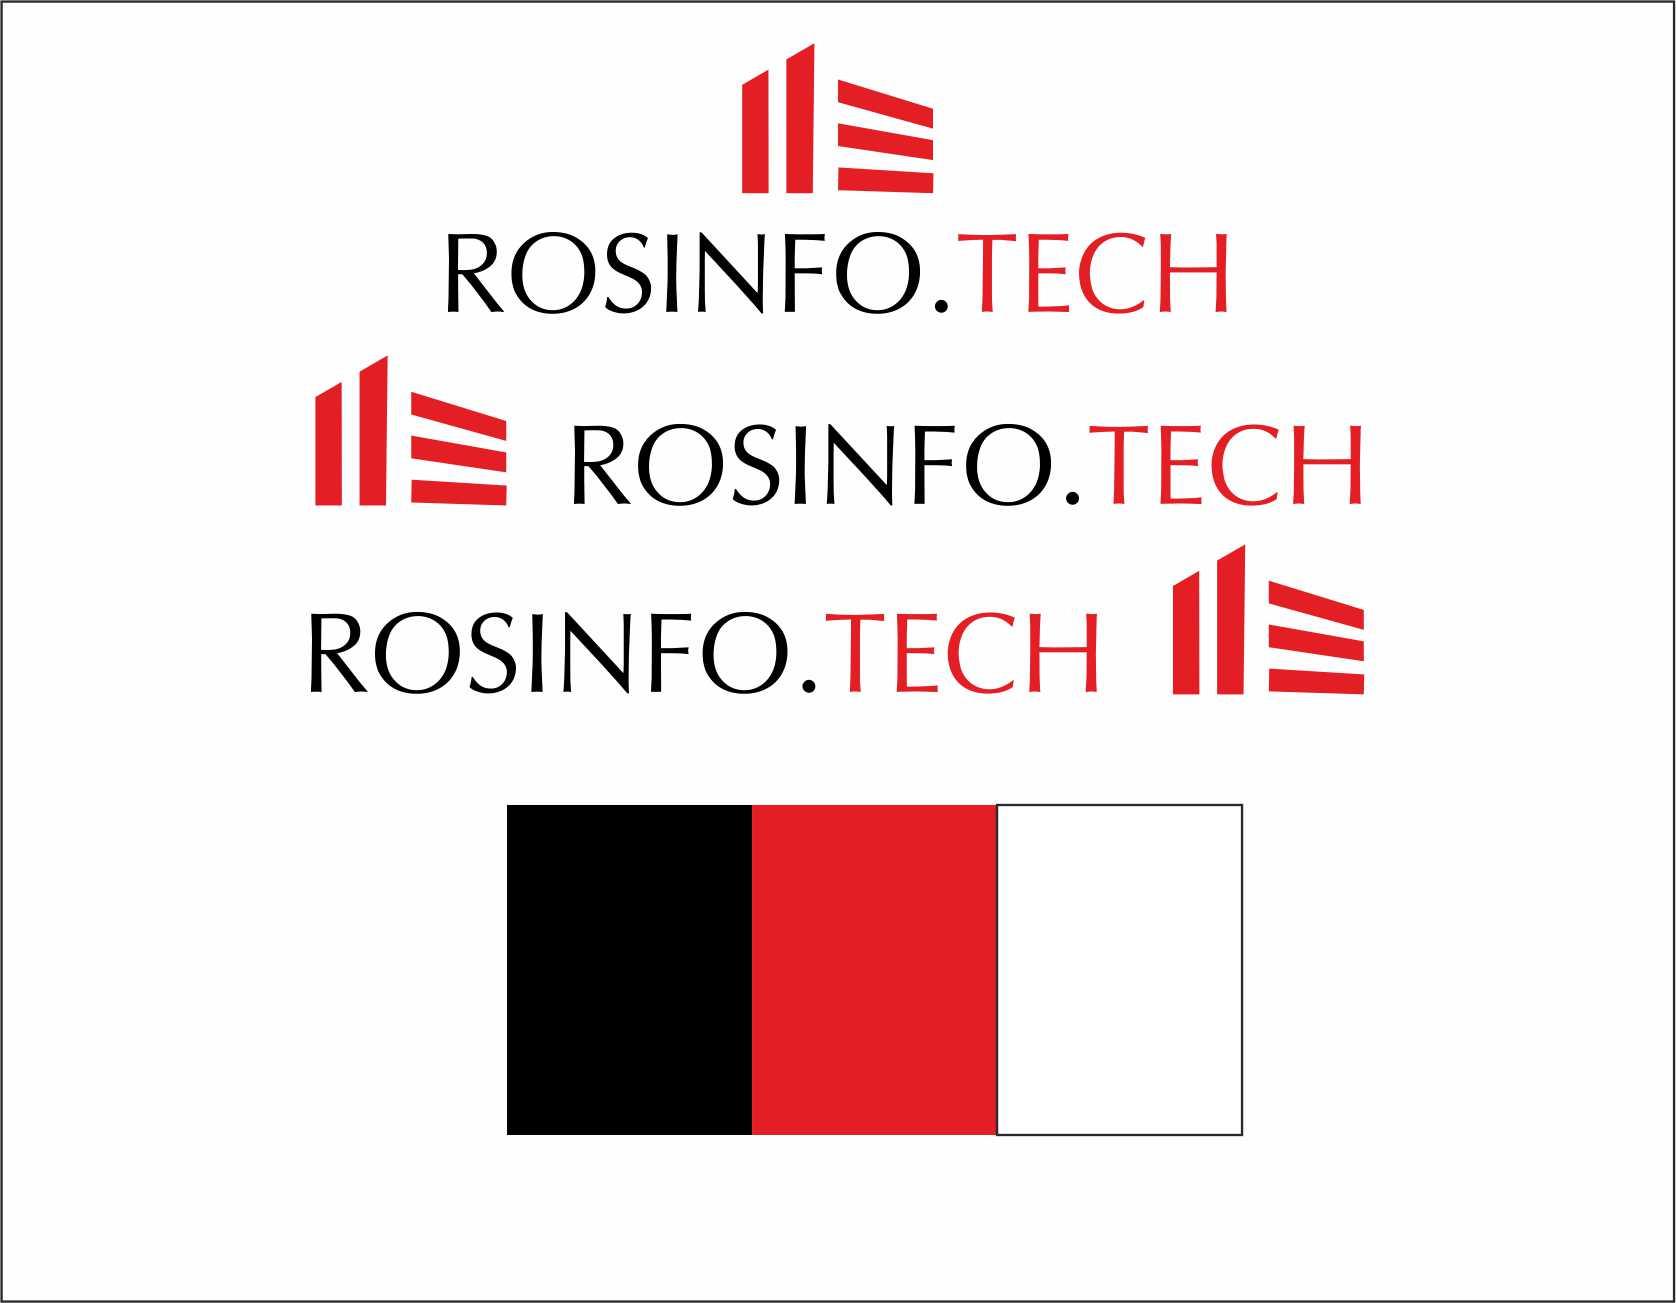 Разработка пакета айдентики rosinfo.tech фото f_1915e1c7f0786d37.jpg